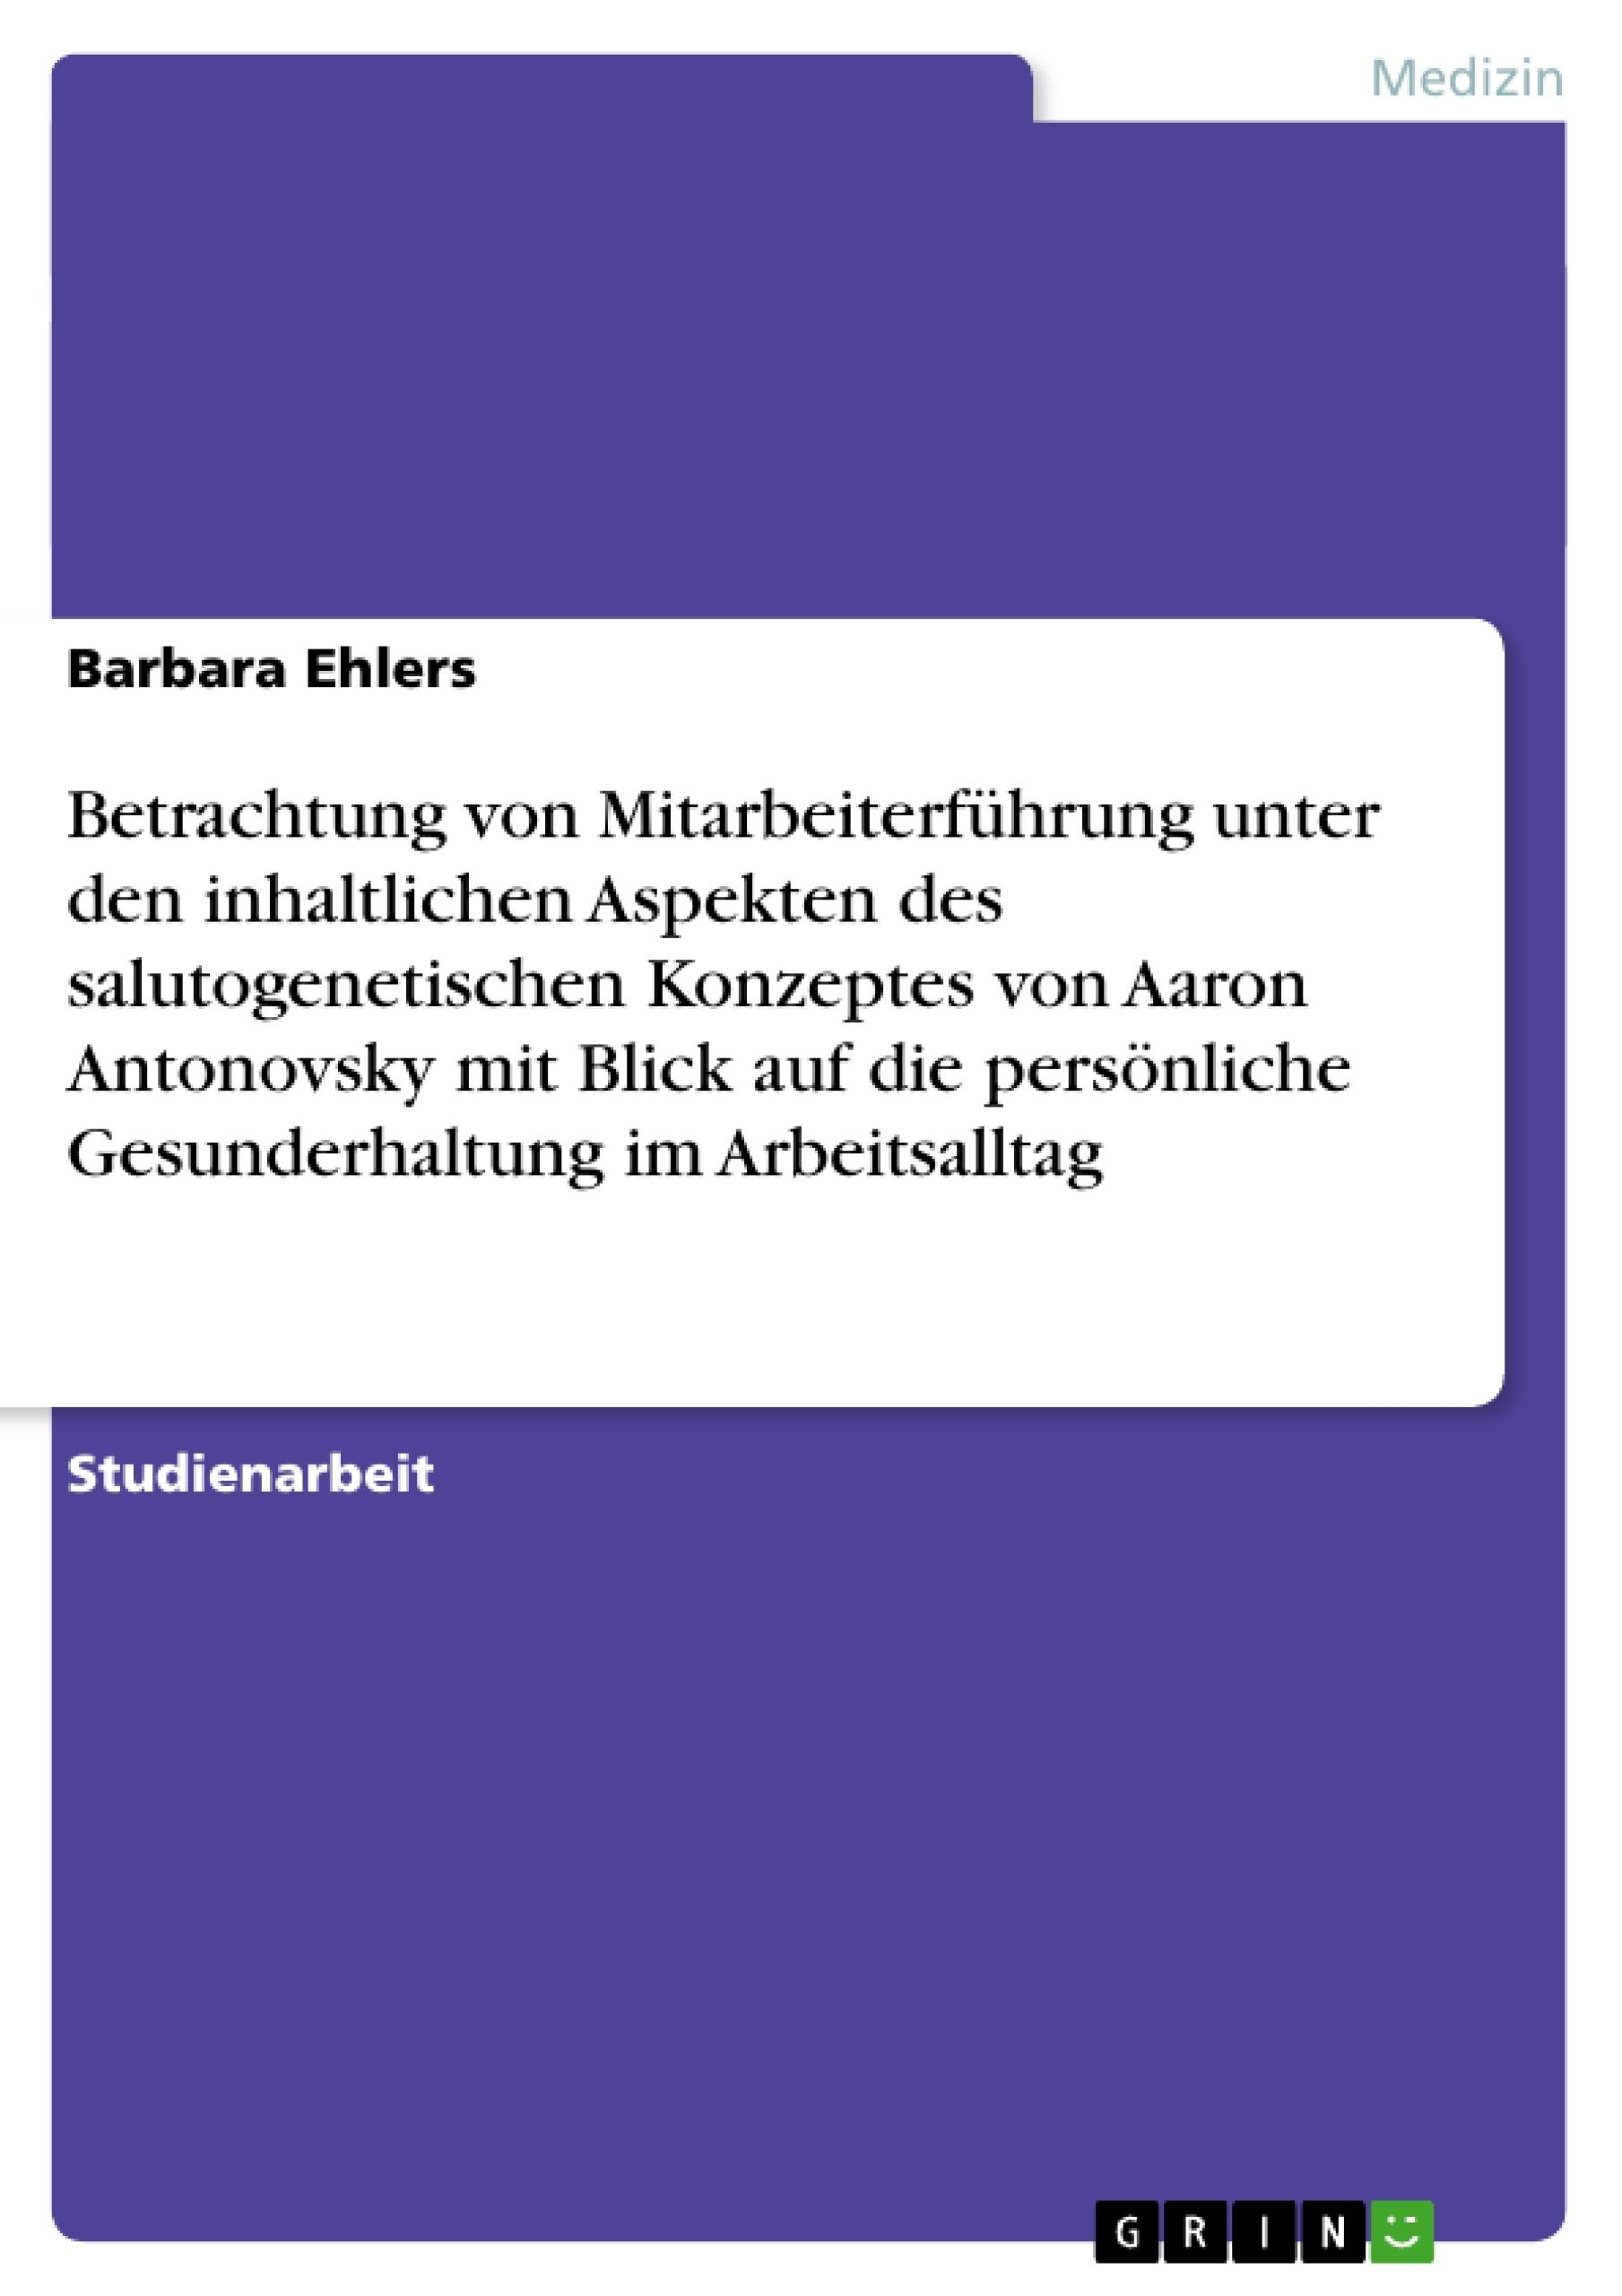 Titel: Betrachtung von Mitarbeiterführung unter den inhaltlichen Aspekten des salutogenetischen Konzeptes von Aaron Antonovsky mit Blick auf die persönliche Gesunderhaltung im Arbeitsalltag